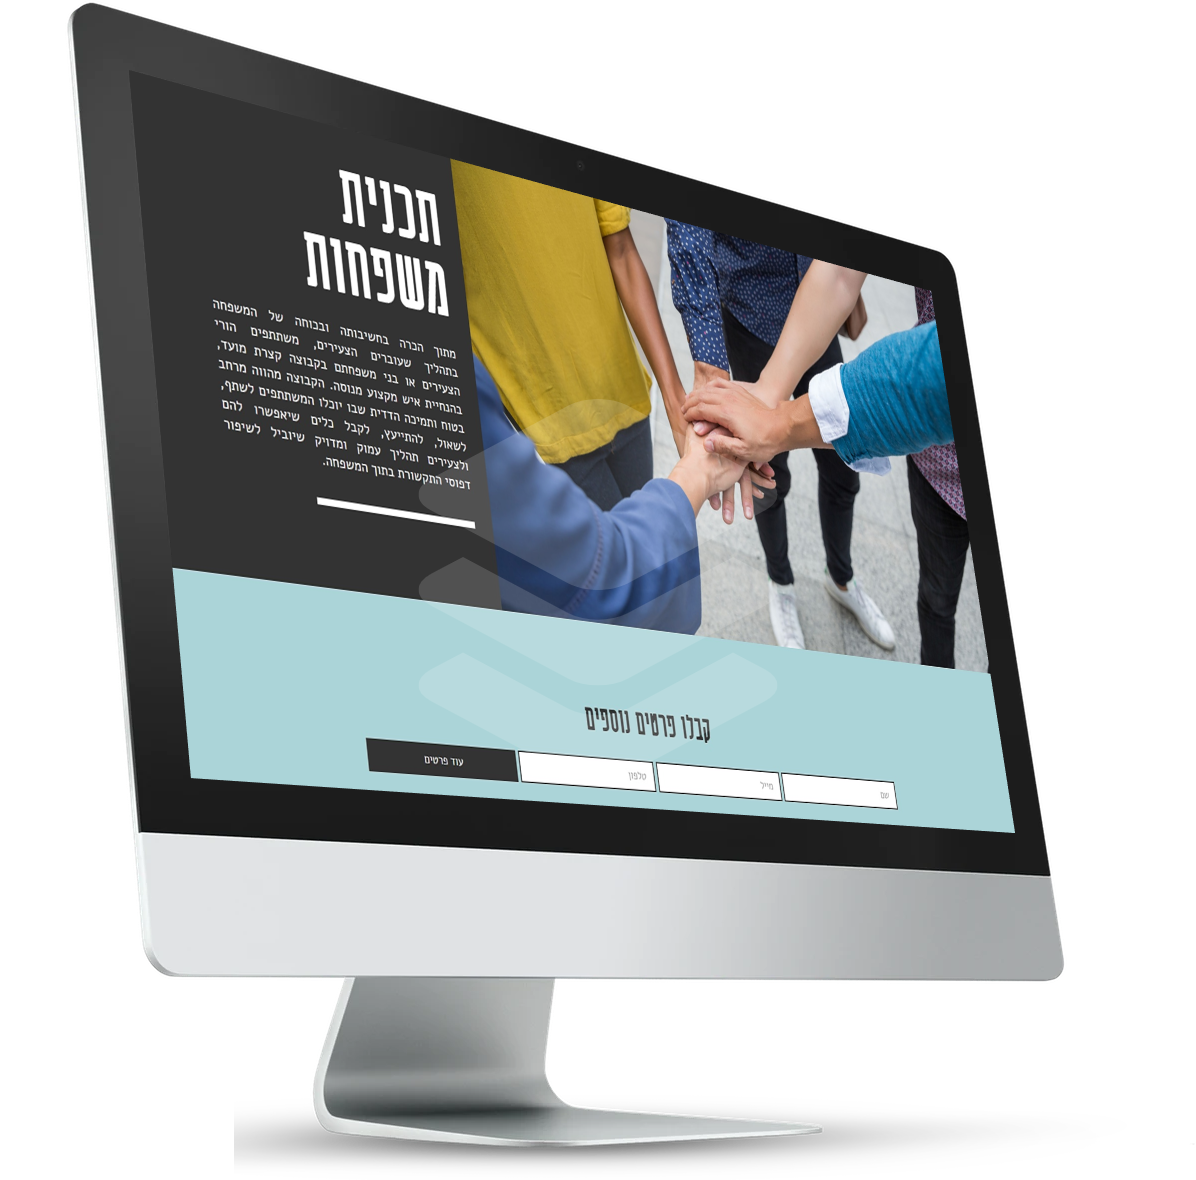 עיצוב ובניית אתר תדמית עבור ליברה לופט - מקום לשינוי